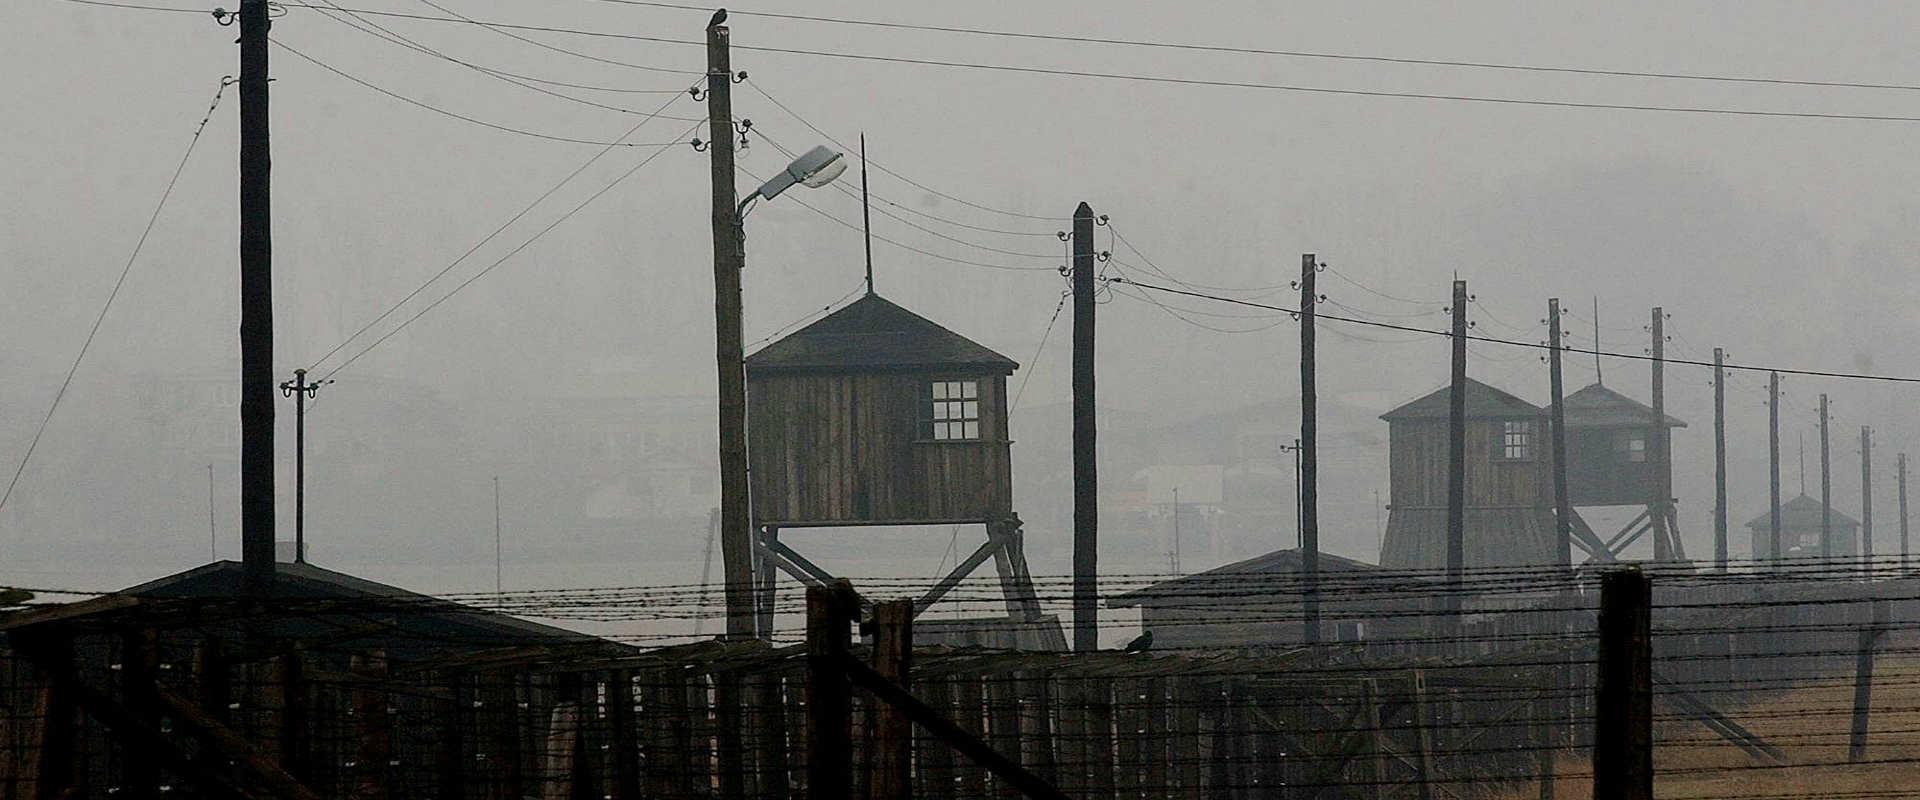 מגדלי השמירה של מחנה הריכוז מיידנק בפולין